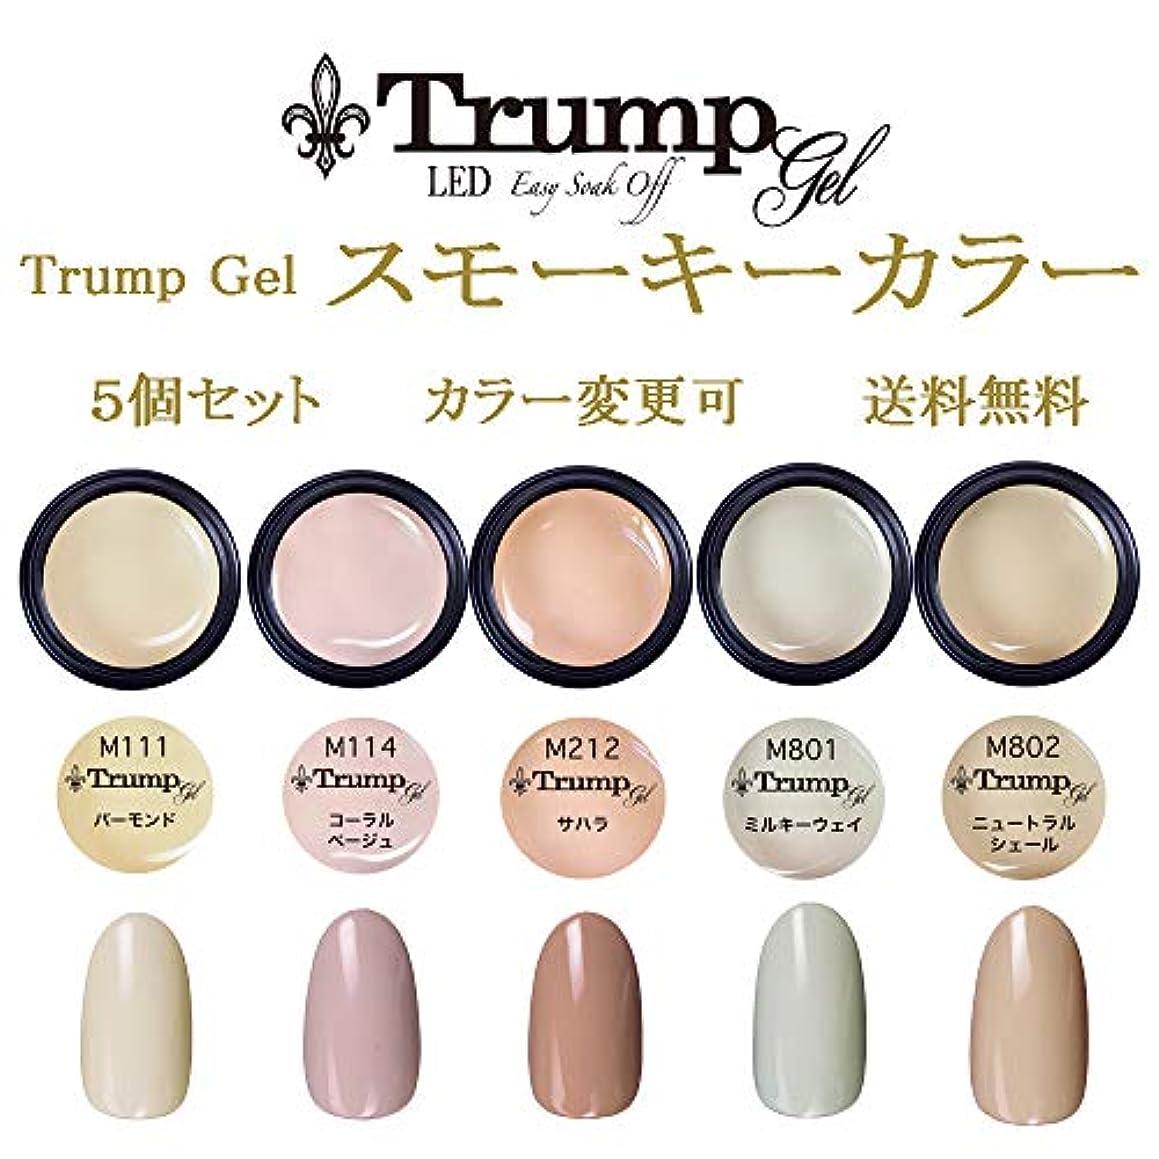 童謡一杯形日本製 Trump gel トランプジェル スモーキーカラー 選べる カラージェル 5個セット スモーク ベージュ グレー ブラウン ピンク